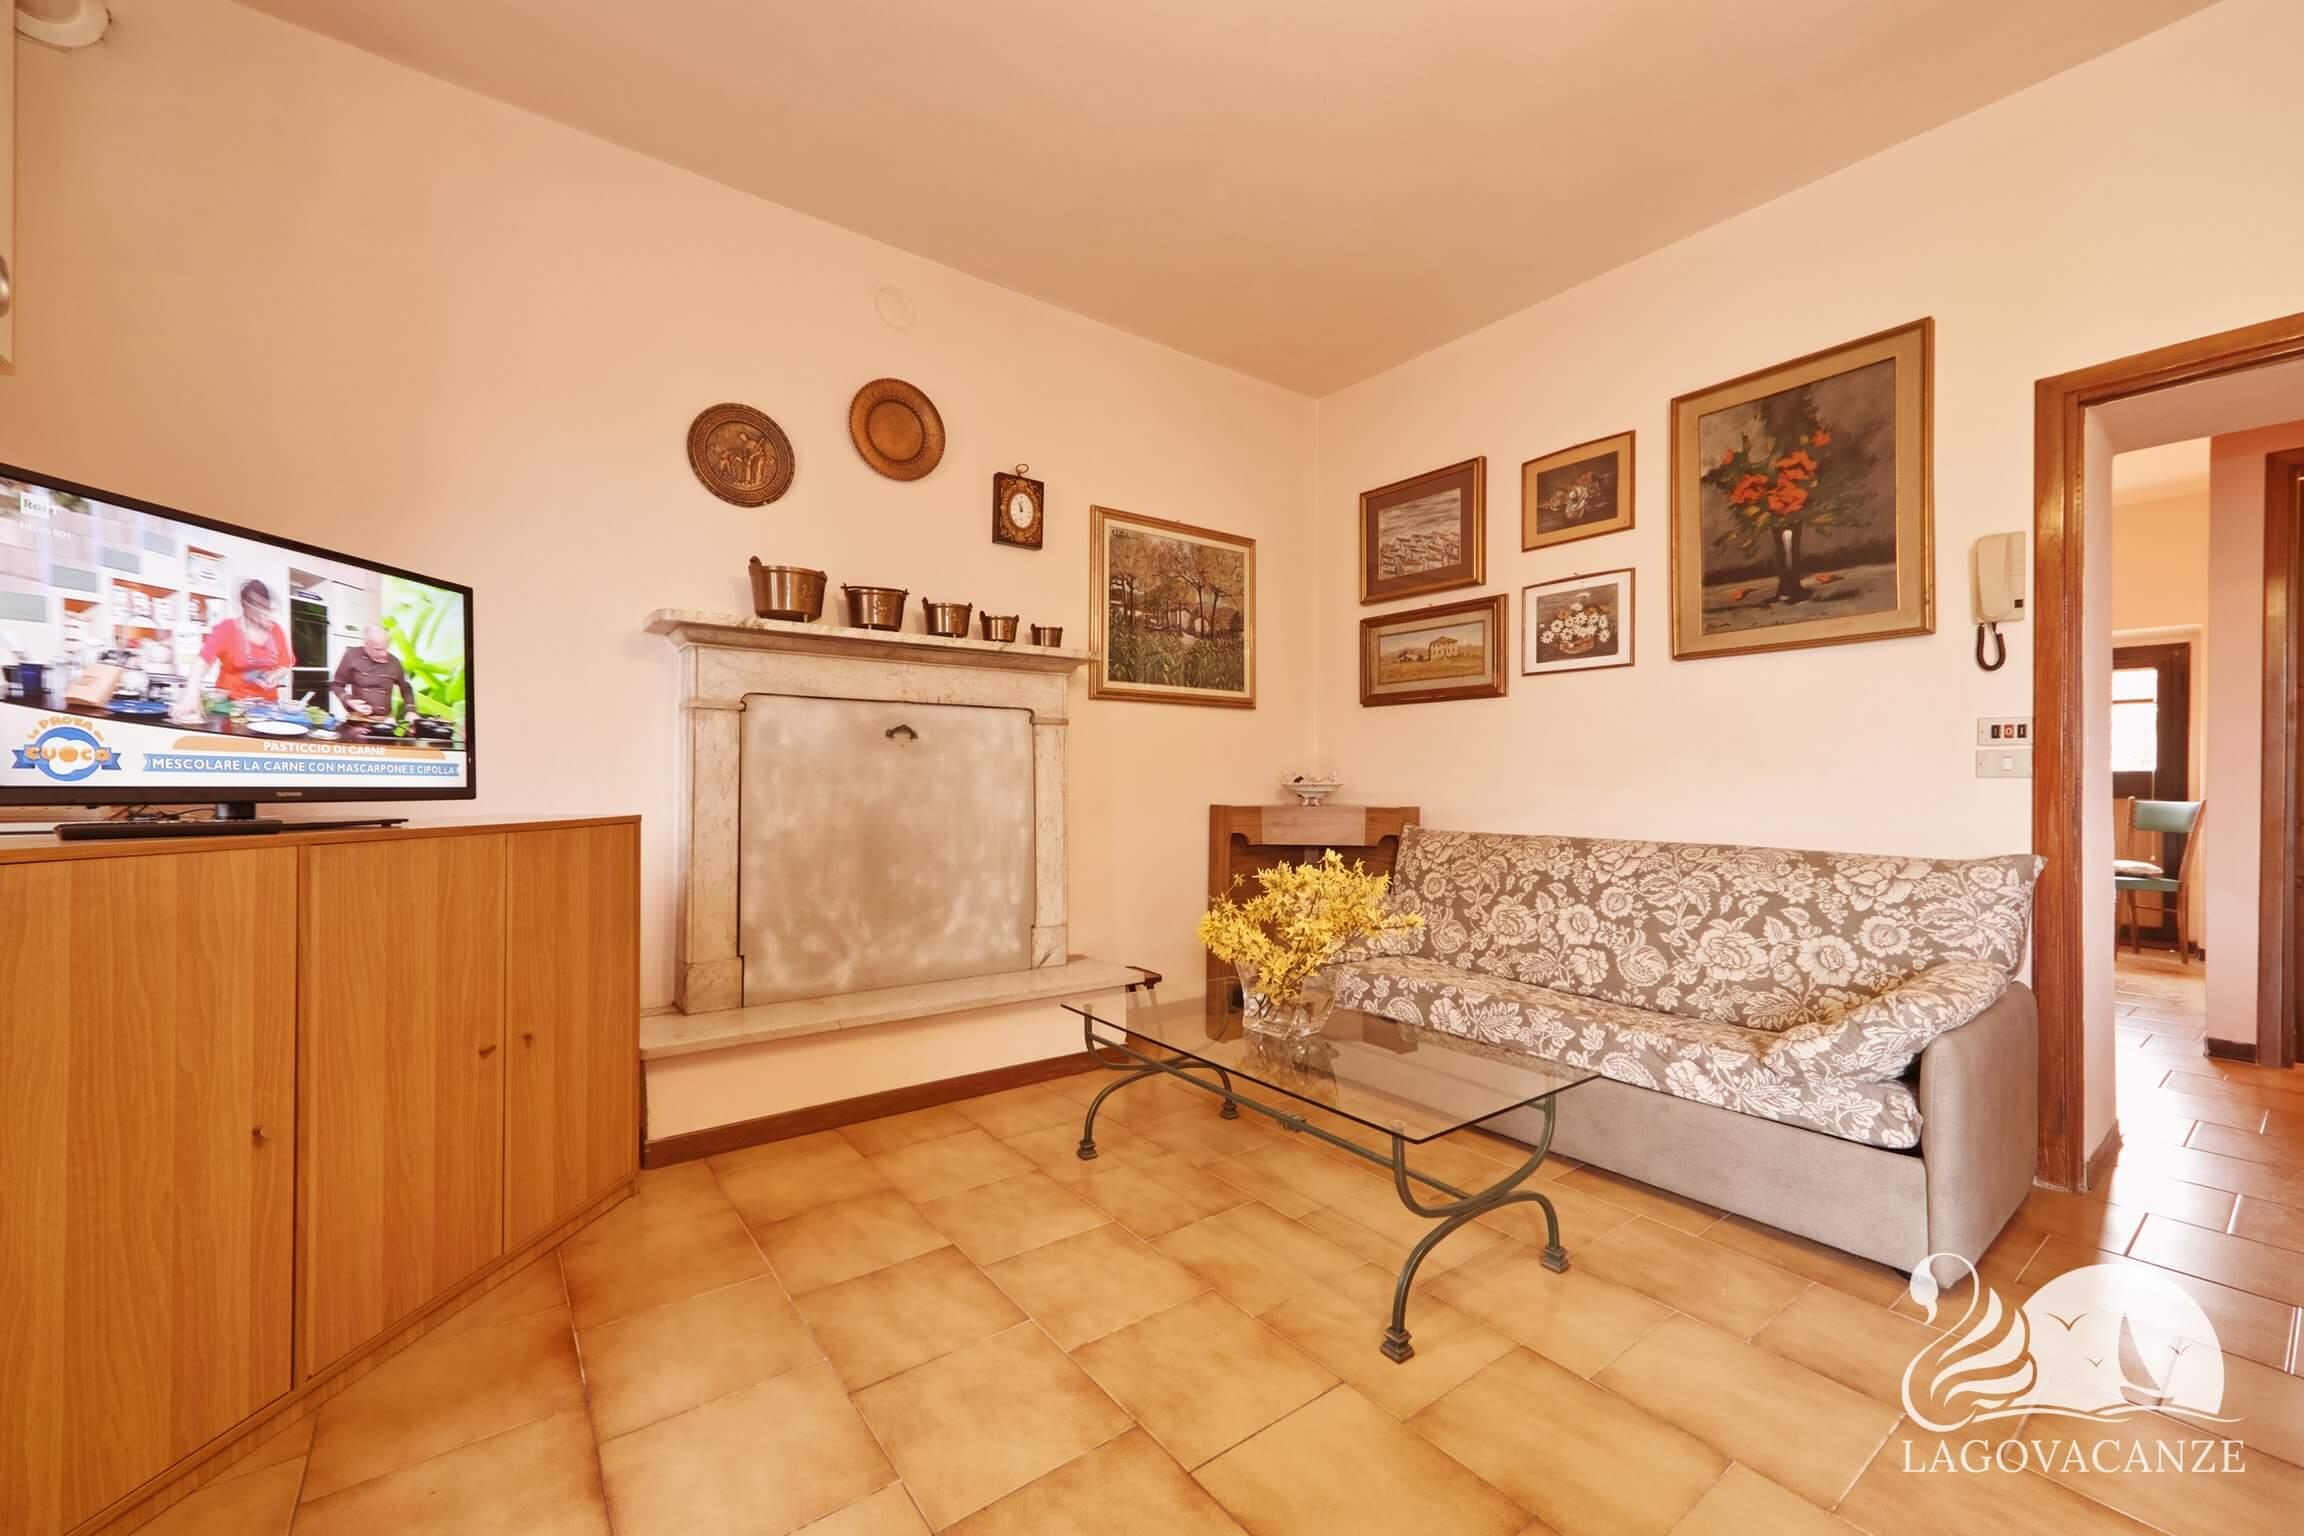 Appartamento al Ponte - Casa vacanze a Manerba del Garda , vicino alle spiagge di Manerba del Garda. Appartamento al Ponte vicino al Porto di Dusano e alle spiagge di Moniga del Garda. Questa Casa Vacanza è ideale per famiglie e vacanze relax sul Lago di Garda.